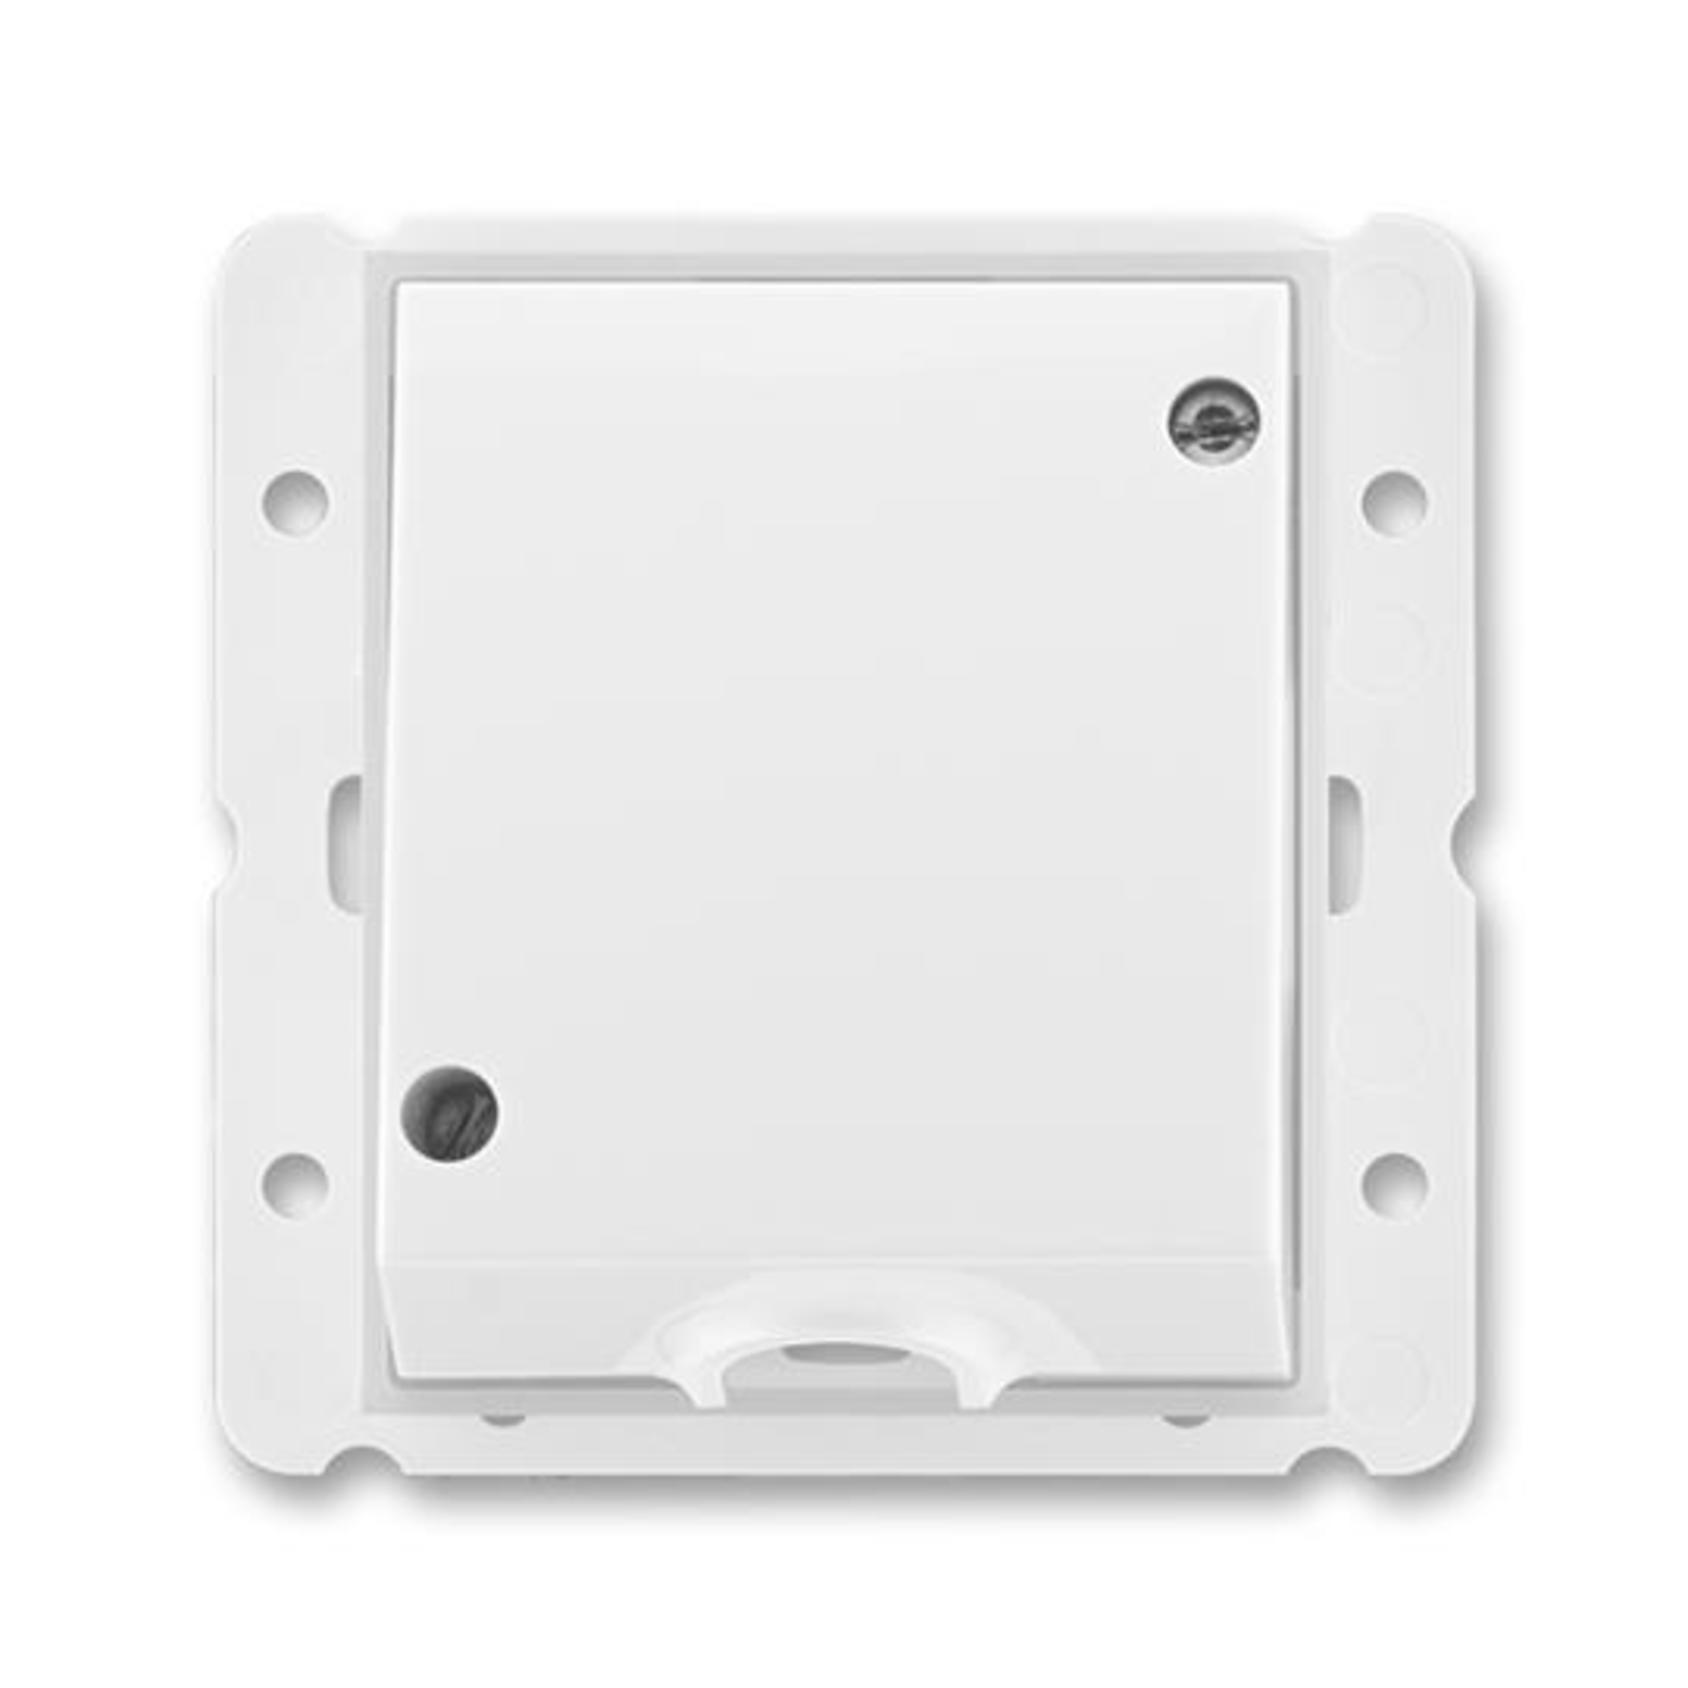 ABB 3938E-A00025 01 Element Svorkovnice s krytem pro pohyblivý přívod 5x 2,5 mm2 Cu